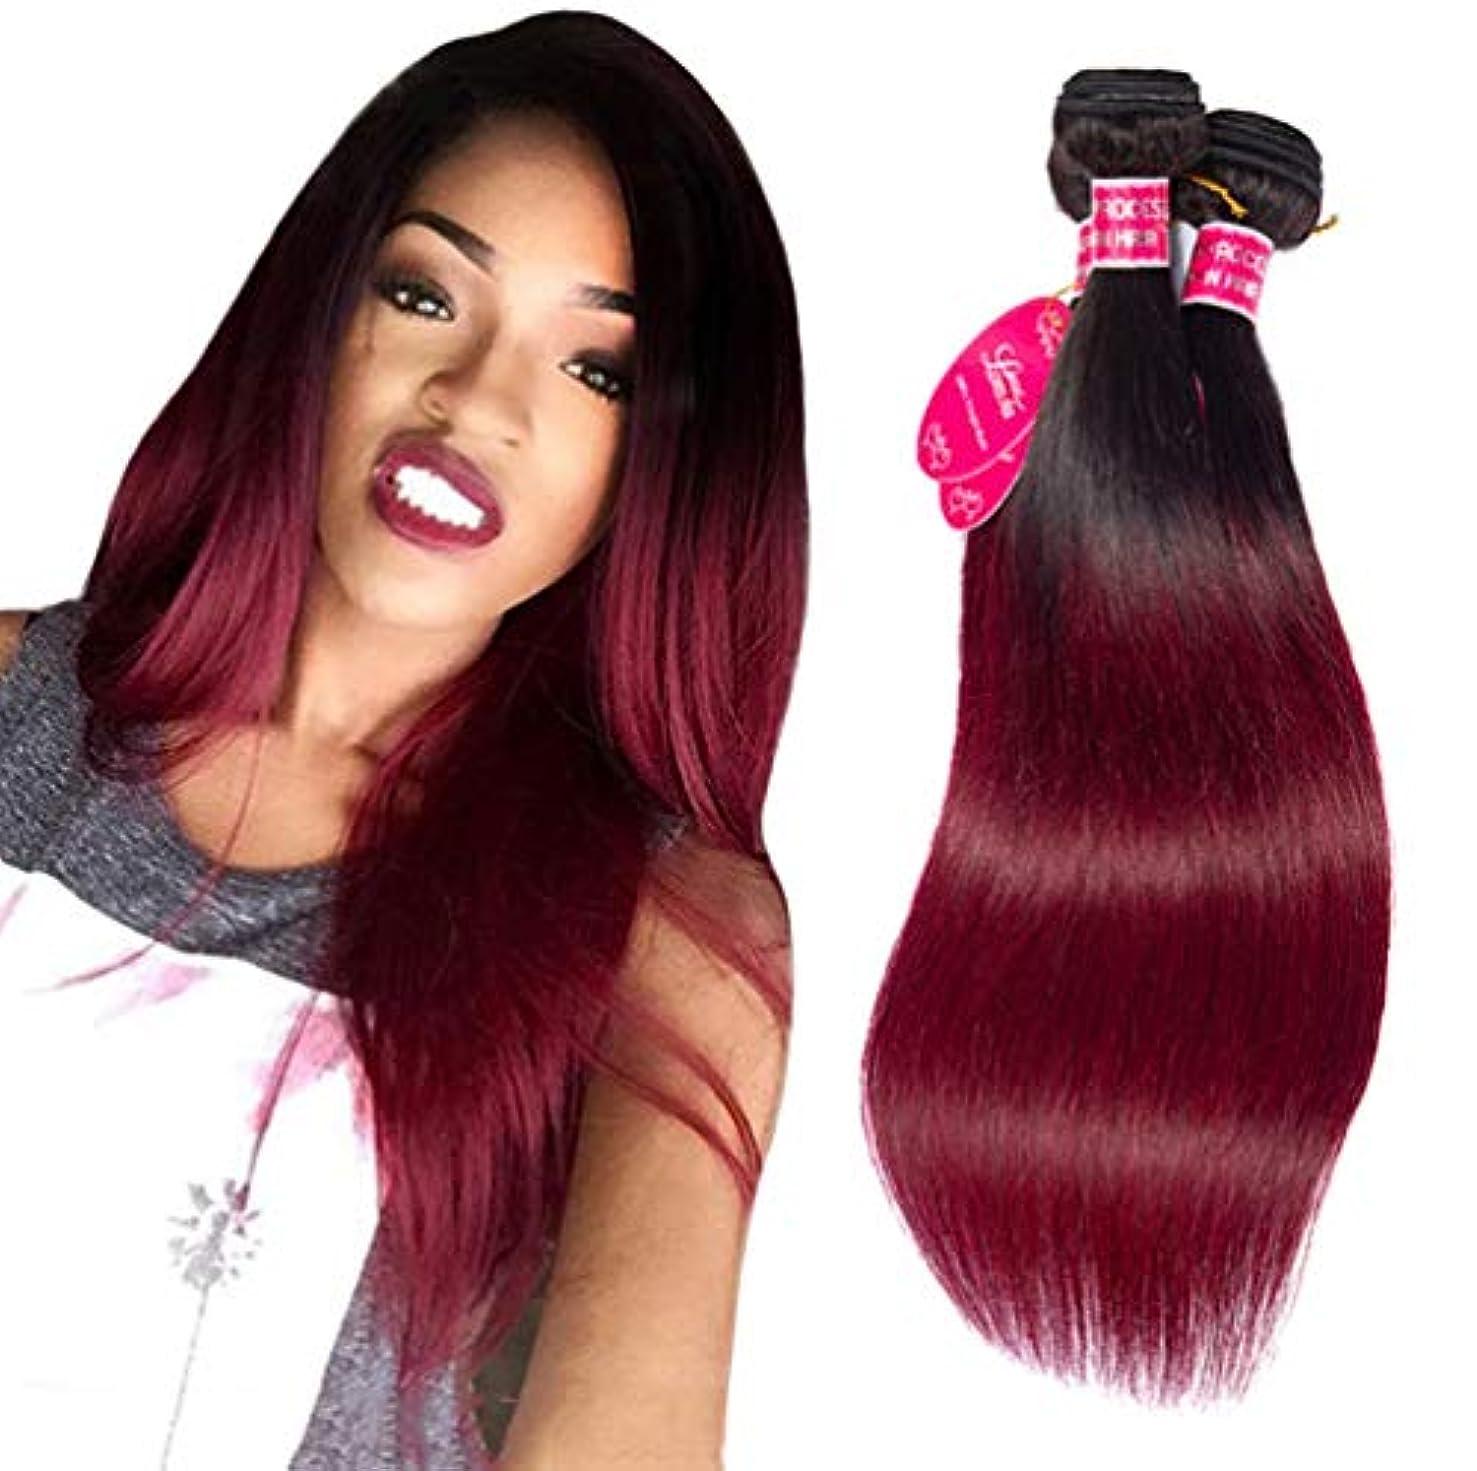 可動式苦しみすり女性の髪織りブラジルストレート未処理バージン人毛100%人毛横糸自然織りバンドル(3バンドル)